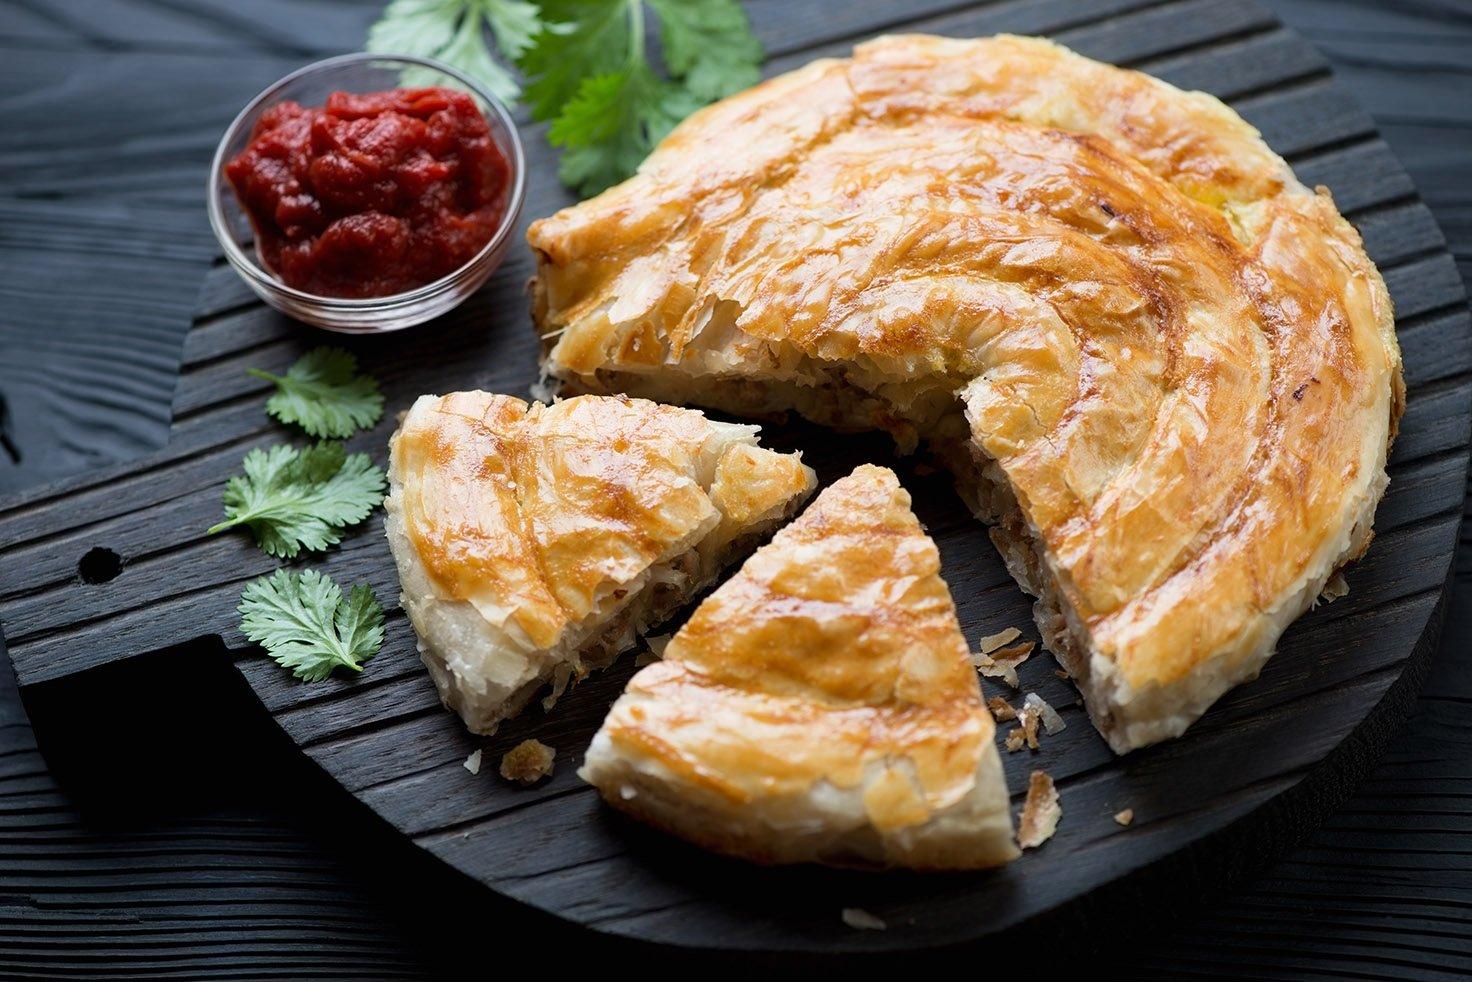 Рисовый пудинг с сыром: рецепт вкусного и легкого блюда к обеду - today.ua